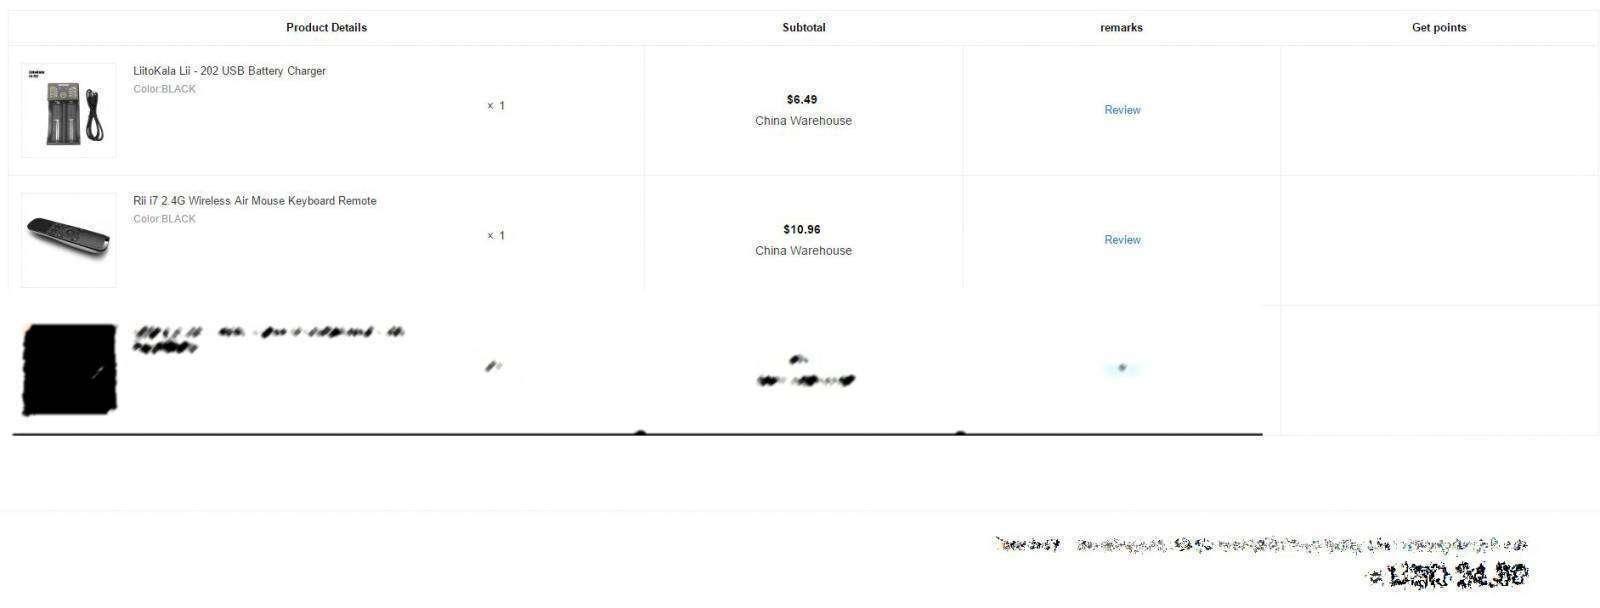 GearBest: Недорогие домашние зарядки, часть 10 - Liitokala Lii - 202